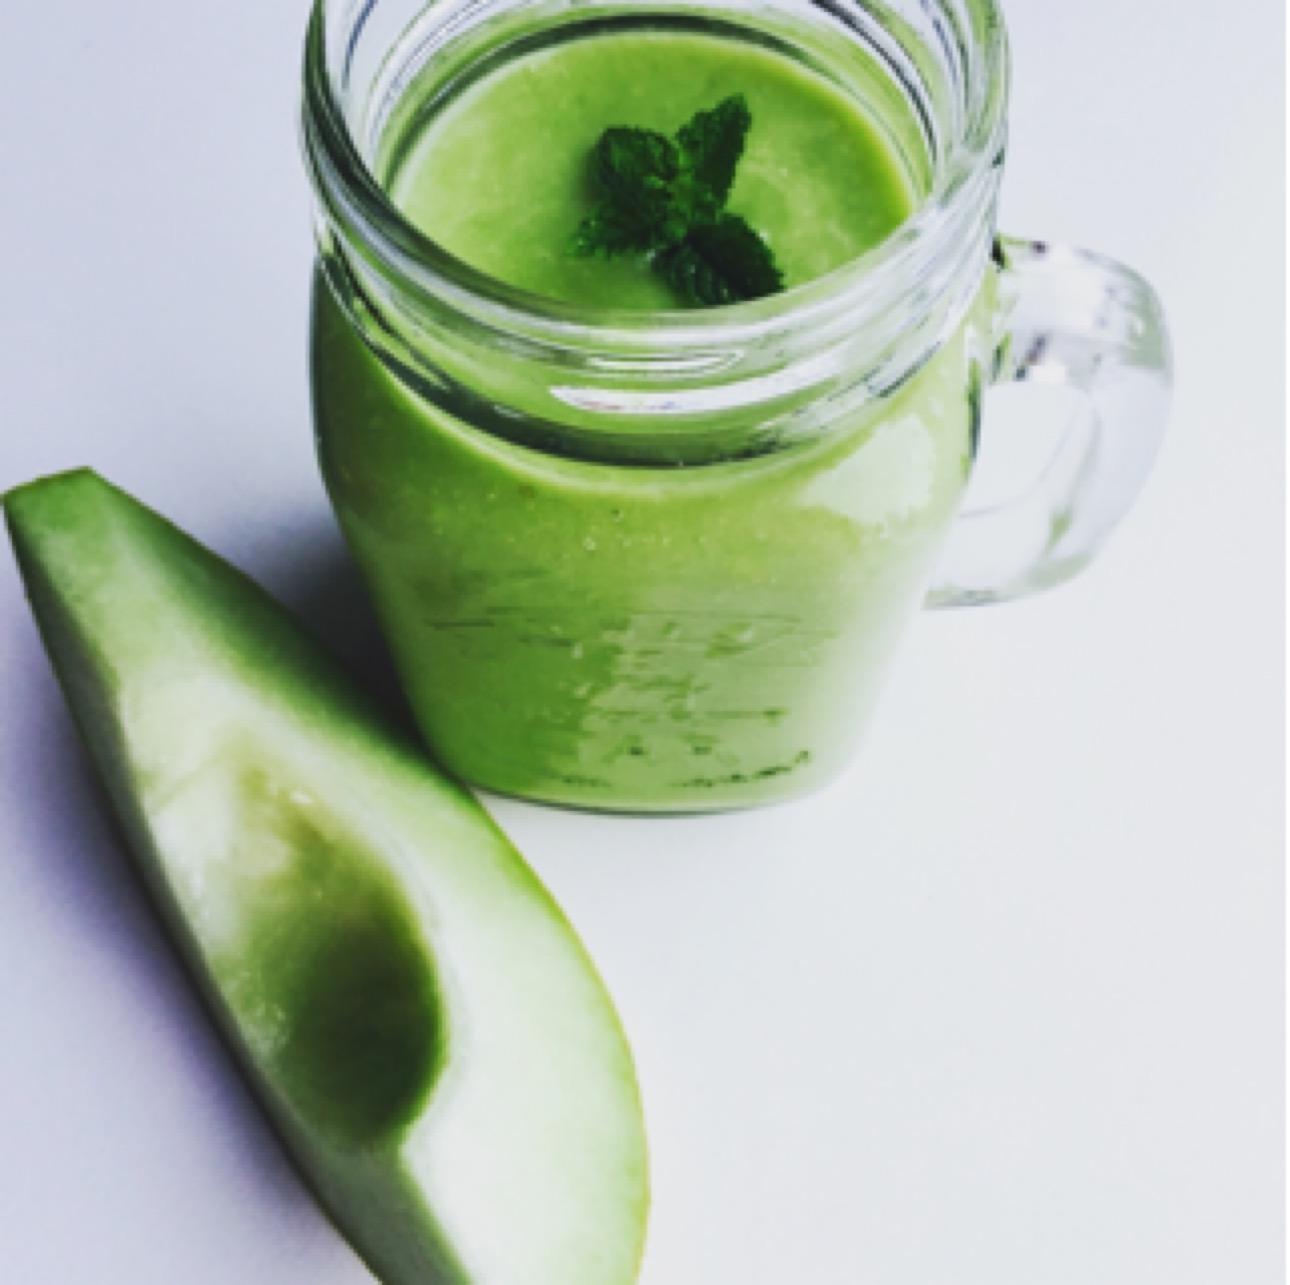 Groene smoothie met avocado - groene smoothies